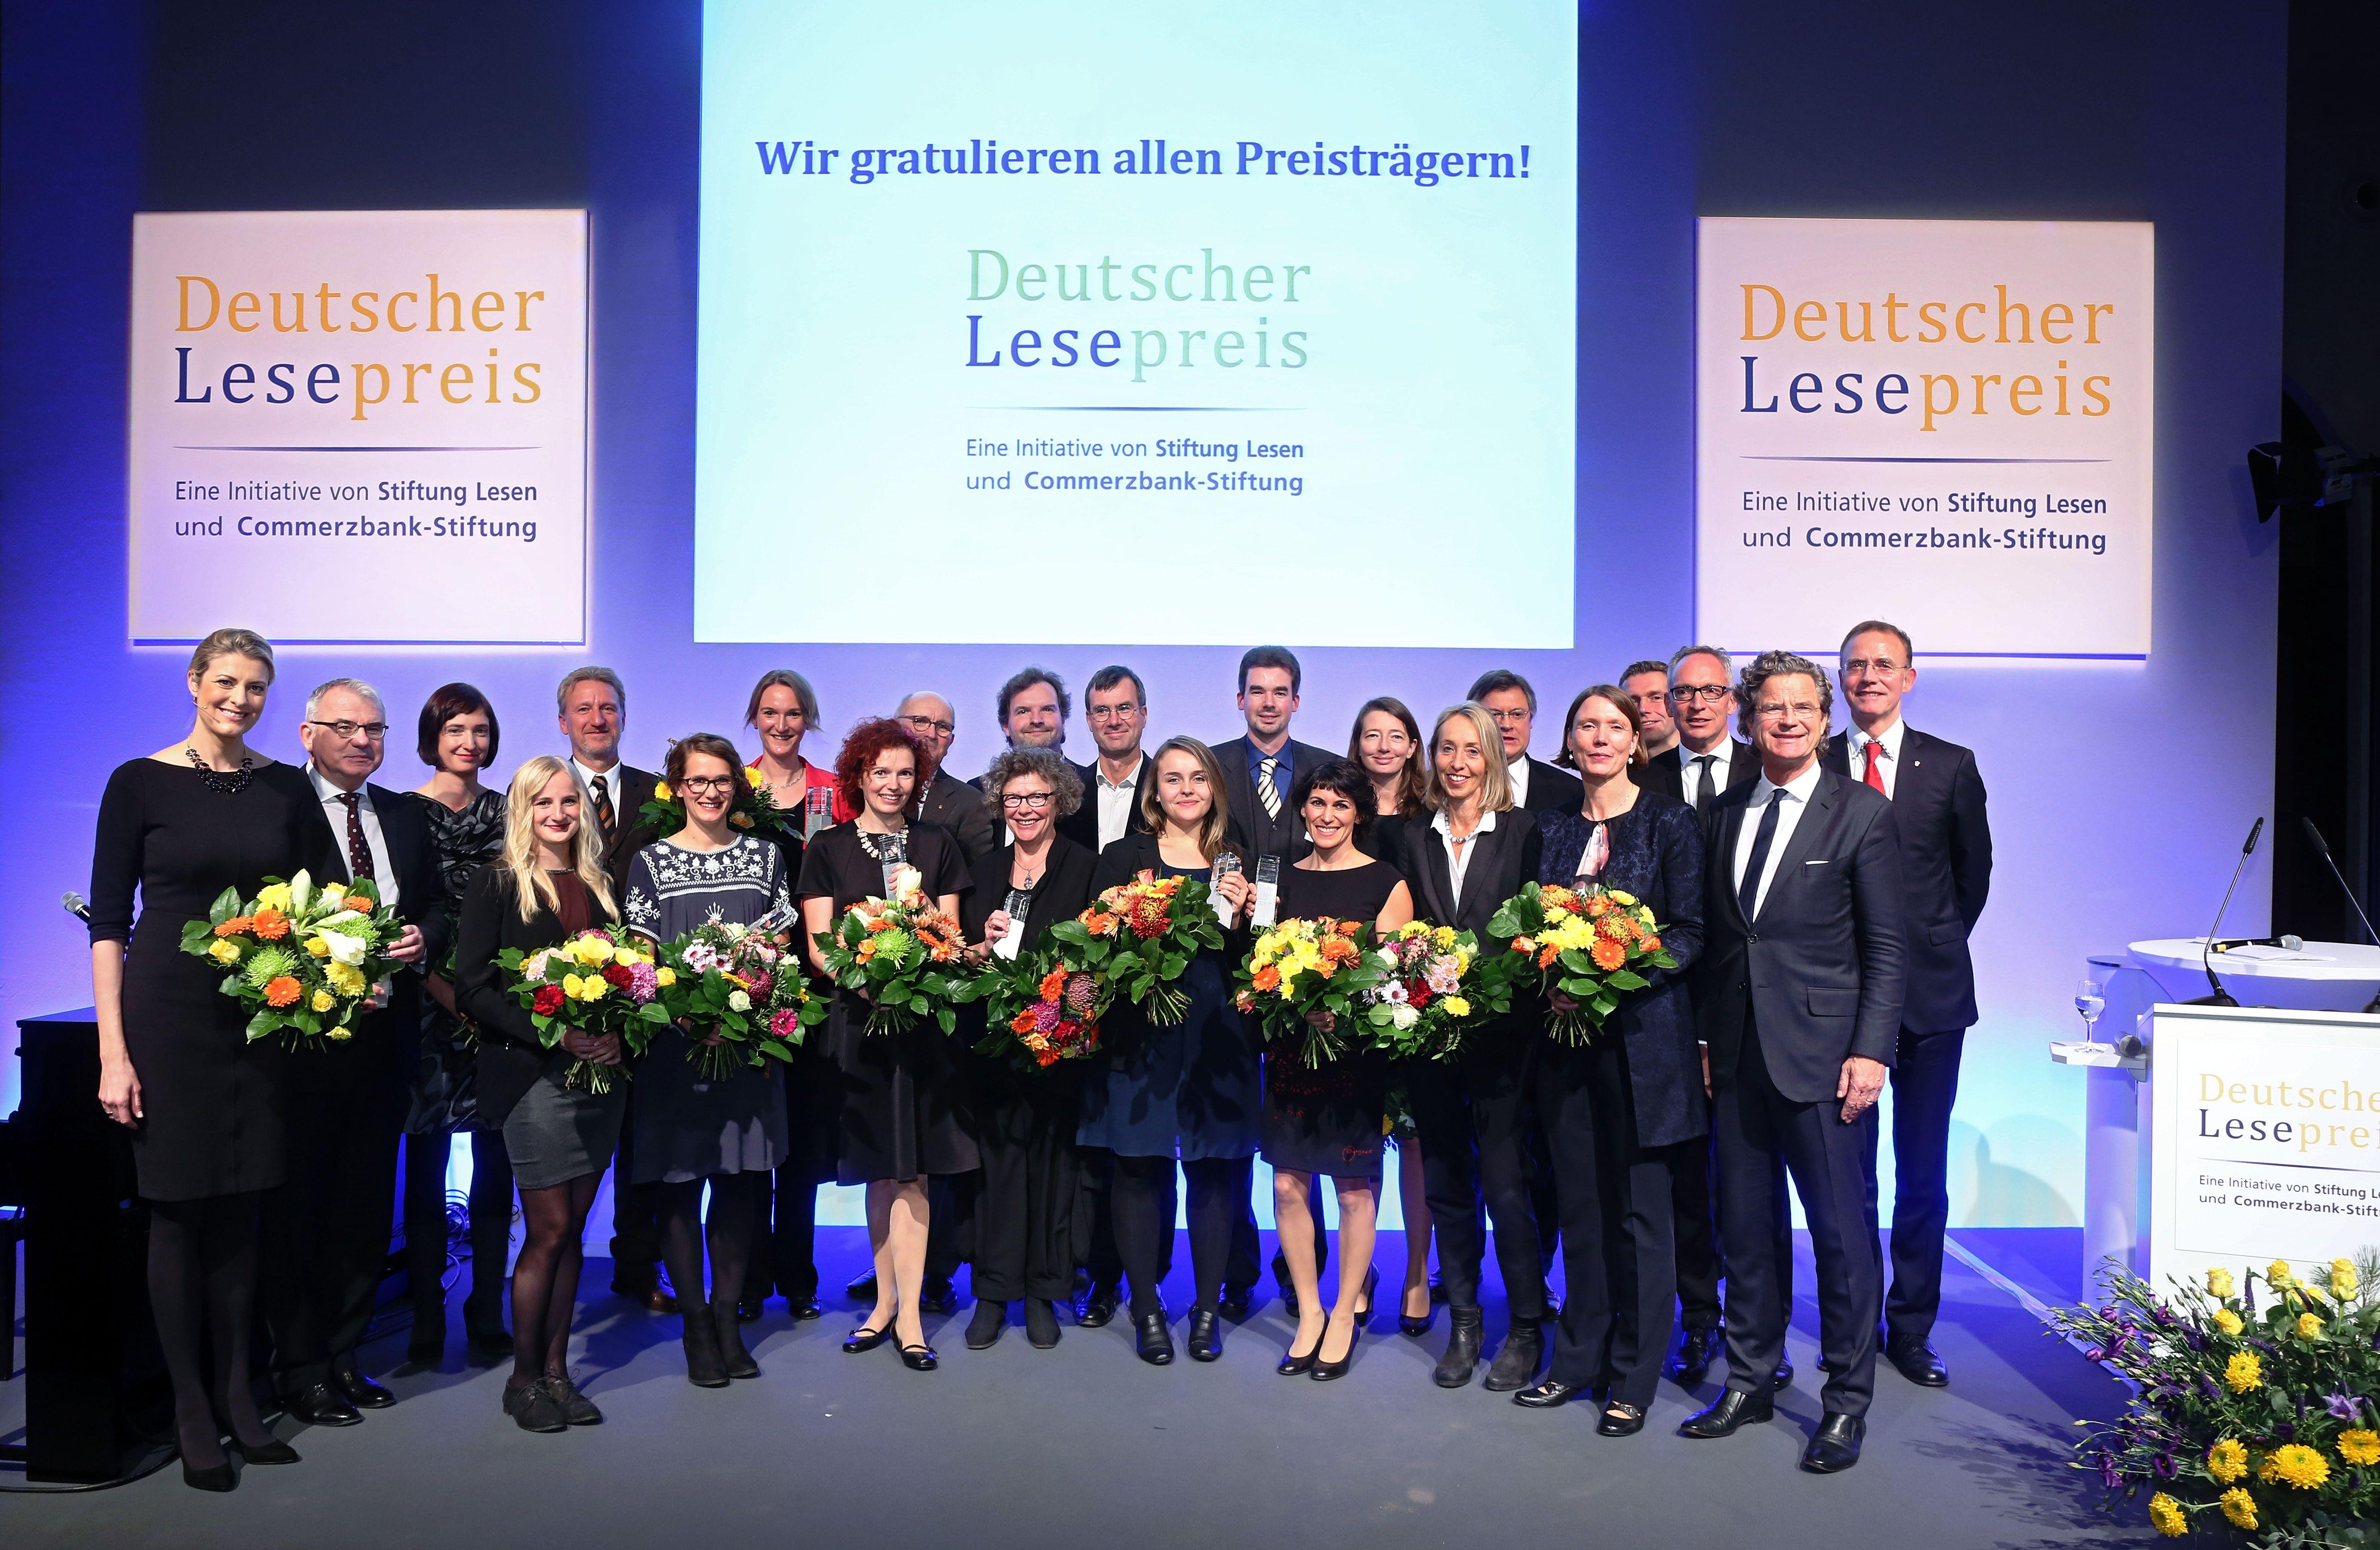 Stiftung Lesen. Deutscher Lesepreis. Preistraeger und Laudatoren